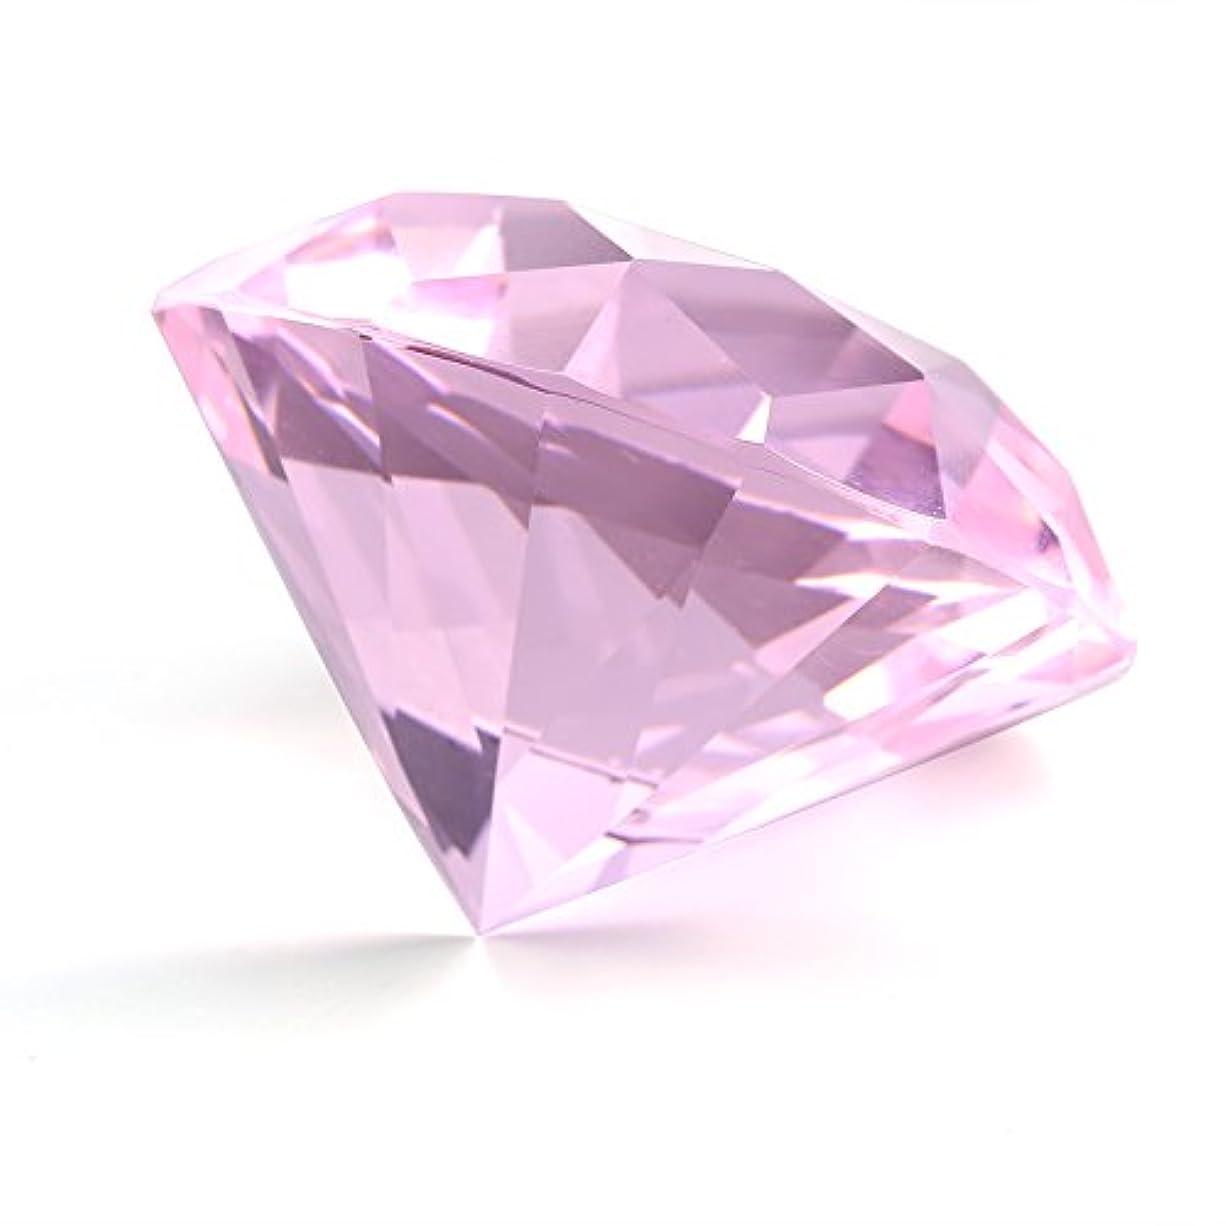 ボアキャッシュ立ち寄る2色 ネイルアート ディスプレイガラス、クリスタルダイヤモンドハンドモデル撮影飾りマニキュアアクセサリー(1)